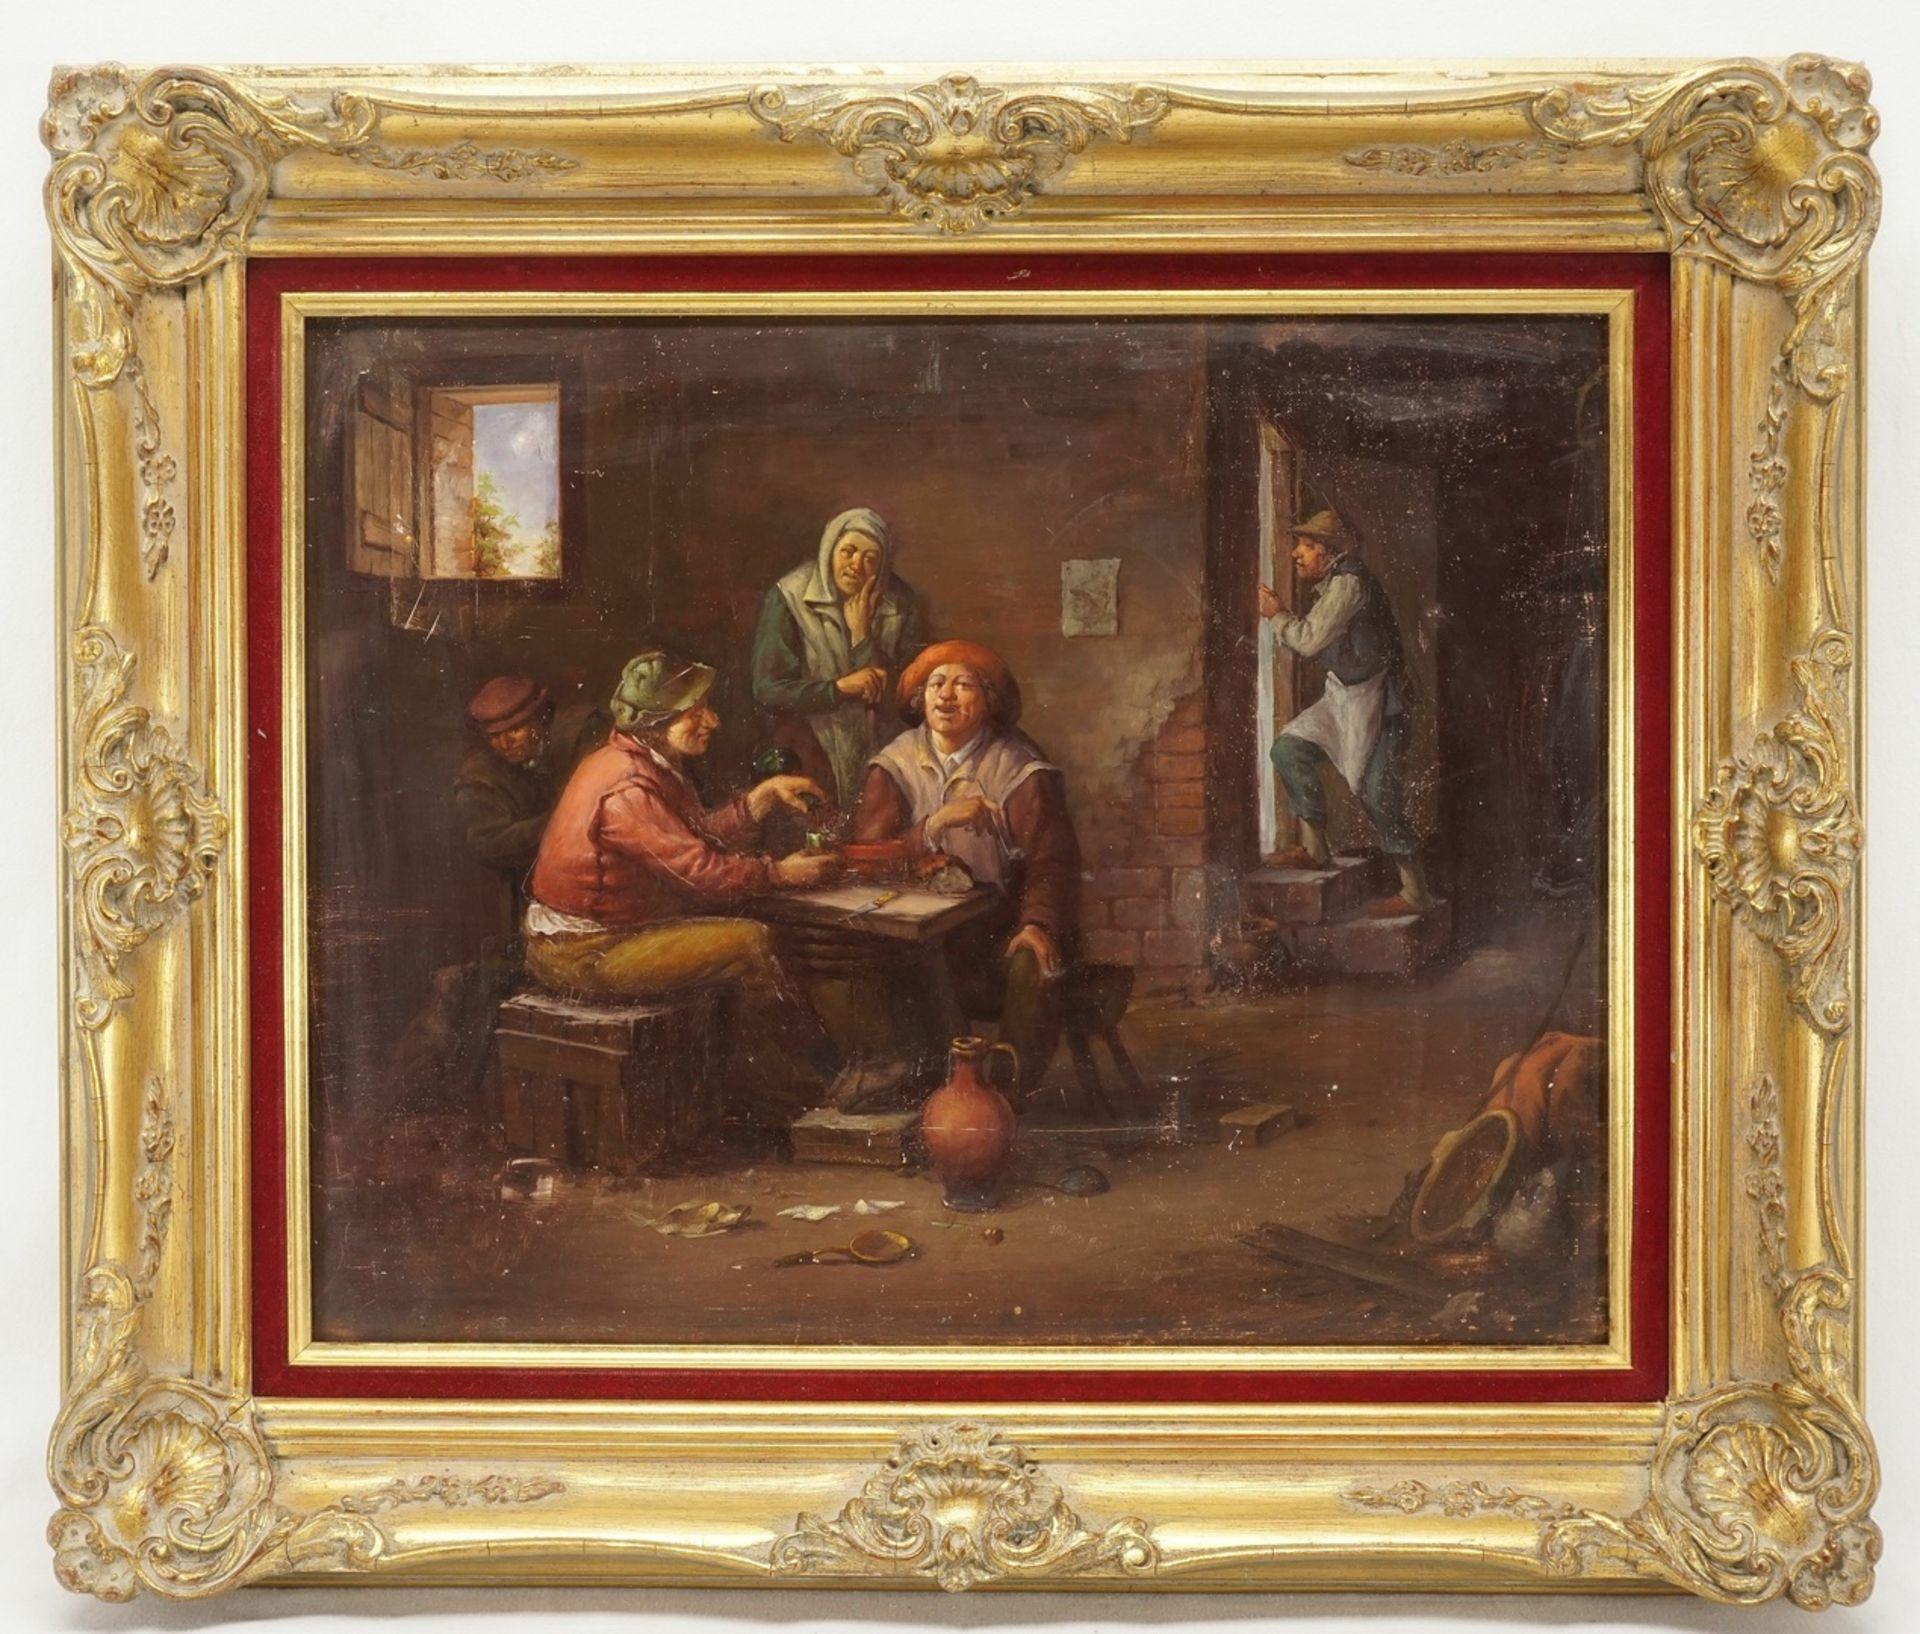 Motivisch nach David Teniers der Jüngere, Wirthausrunde